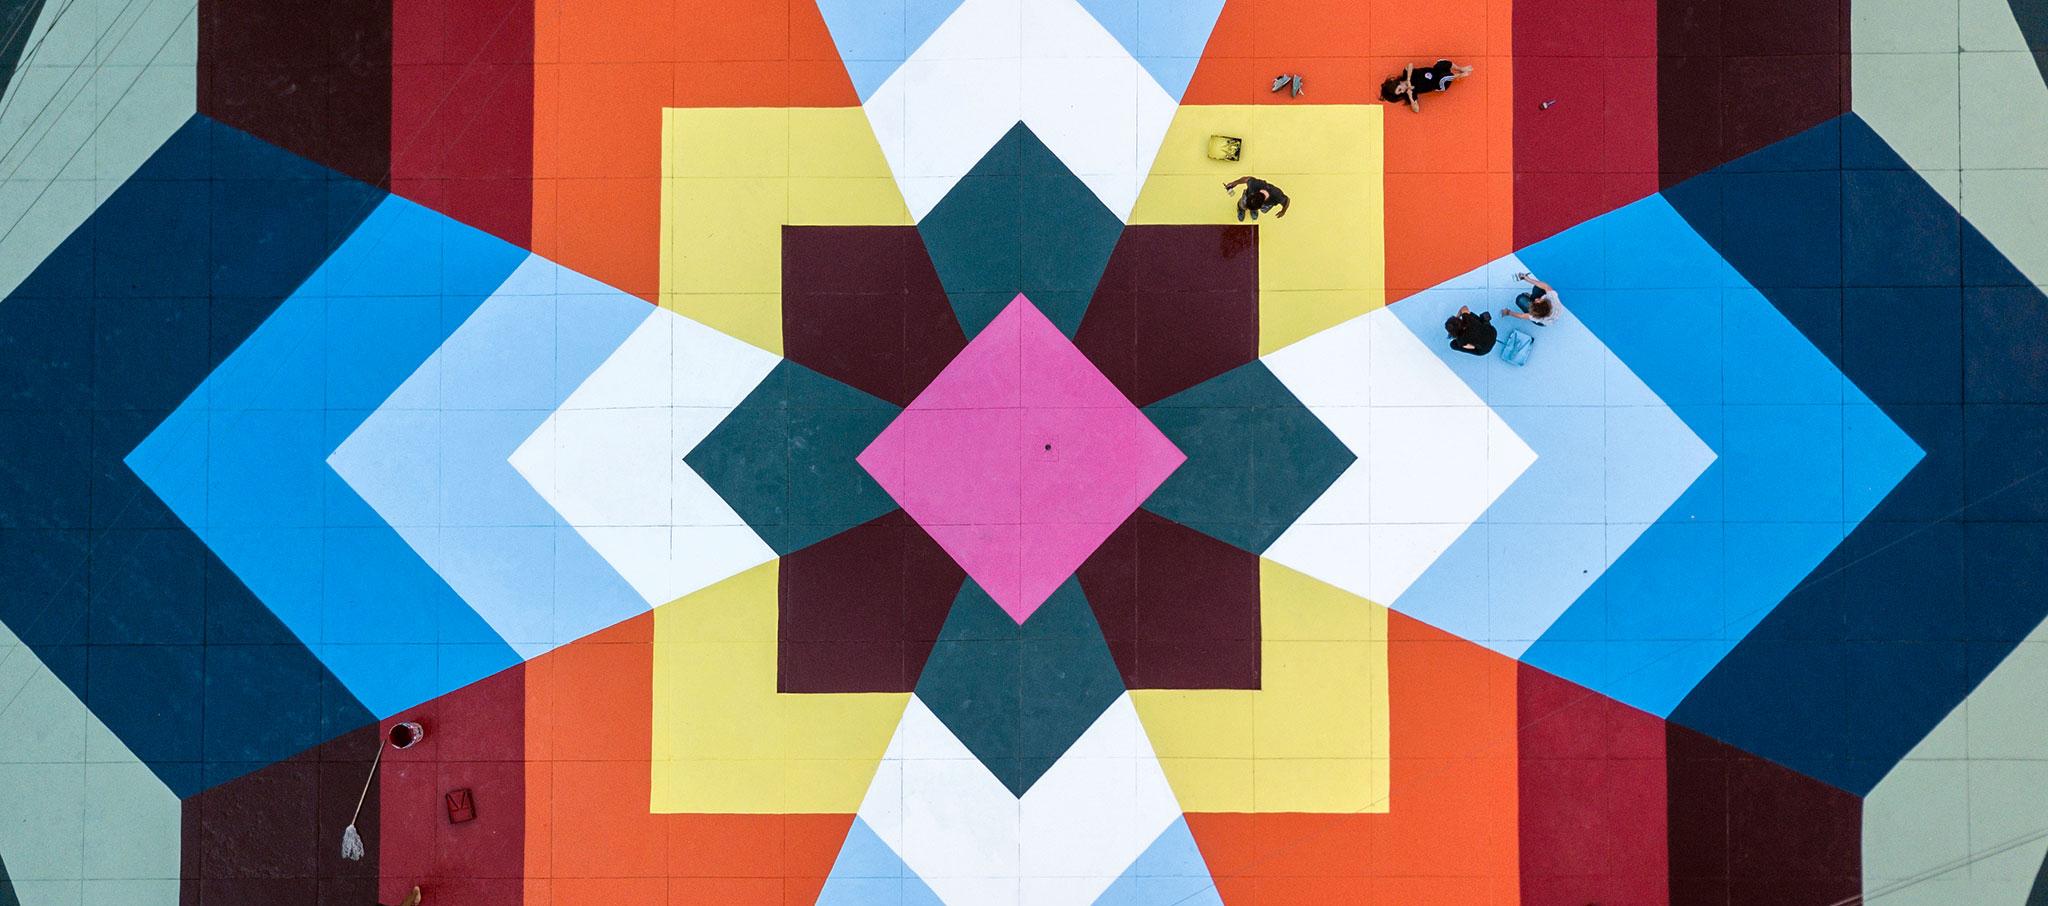 Nierika. Un nuevo Proyecto de BOA MISTURA. Fotografía © Boamistura